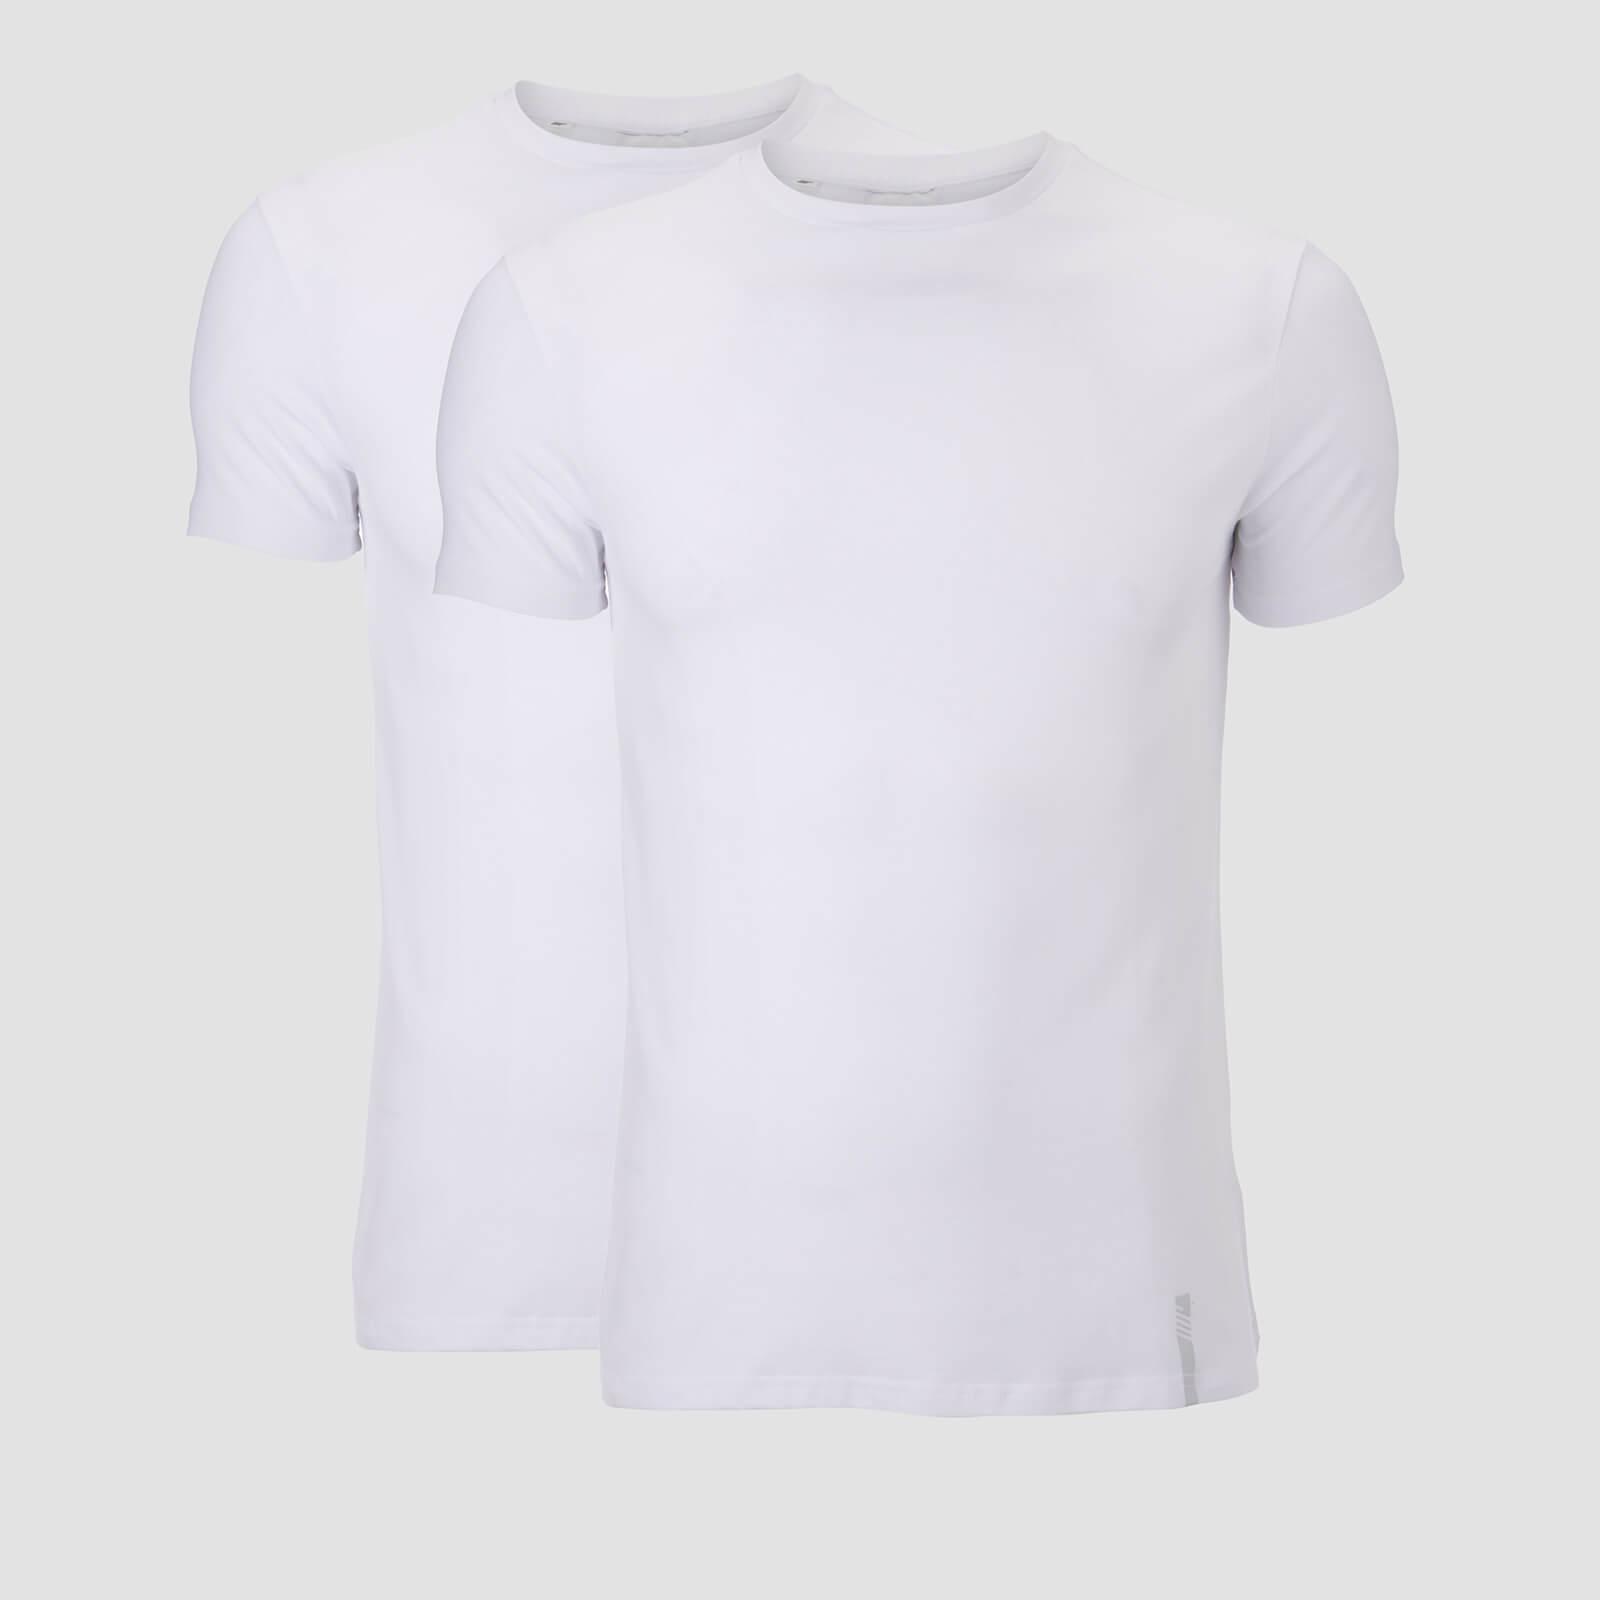 Myprotein Luxe Classic Crew T-Paita (2 Pack) - Valkoinen/Valkoinen - S